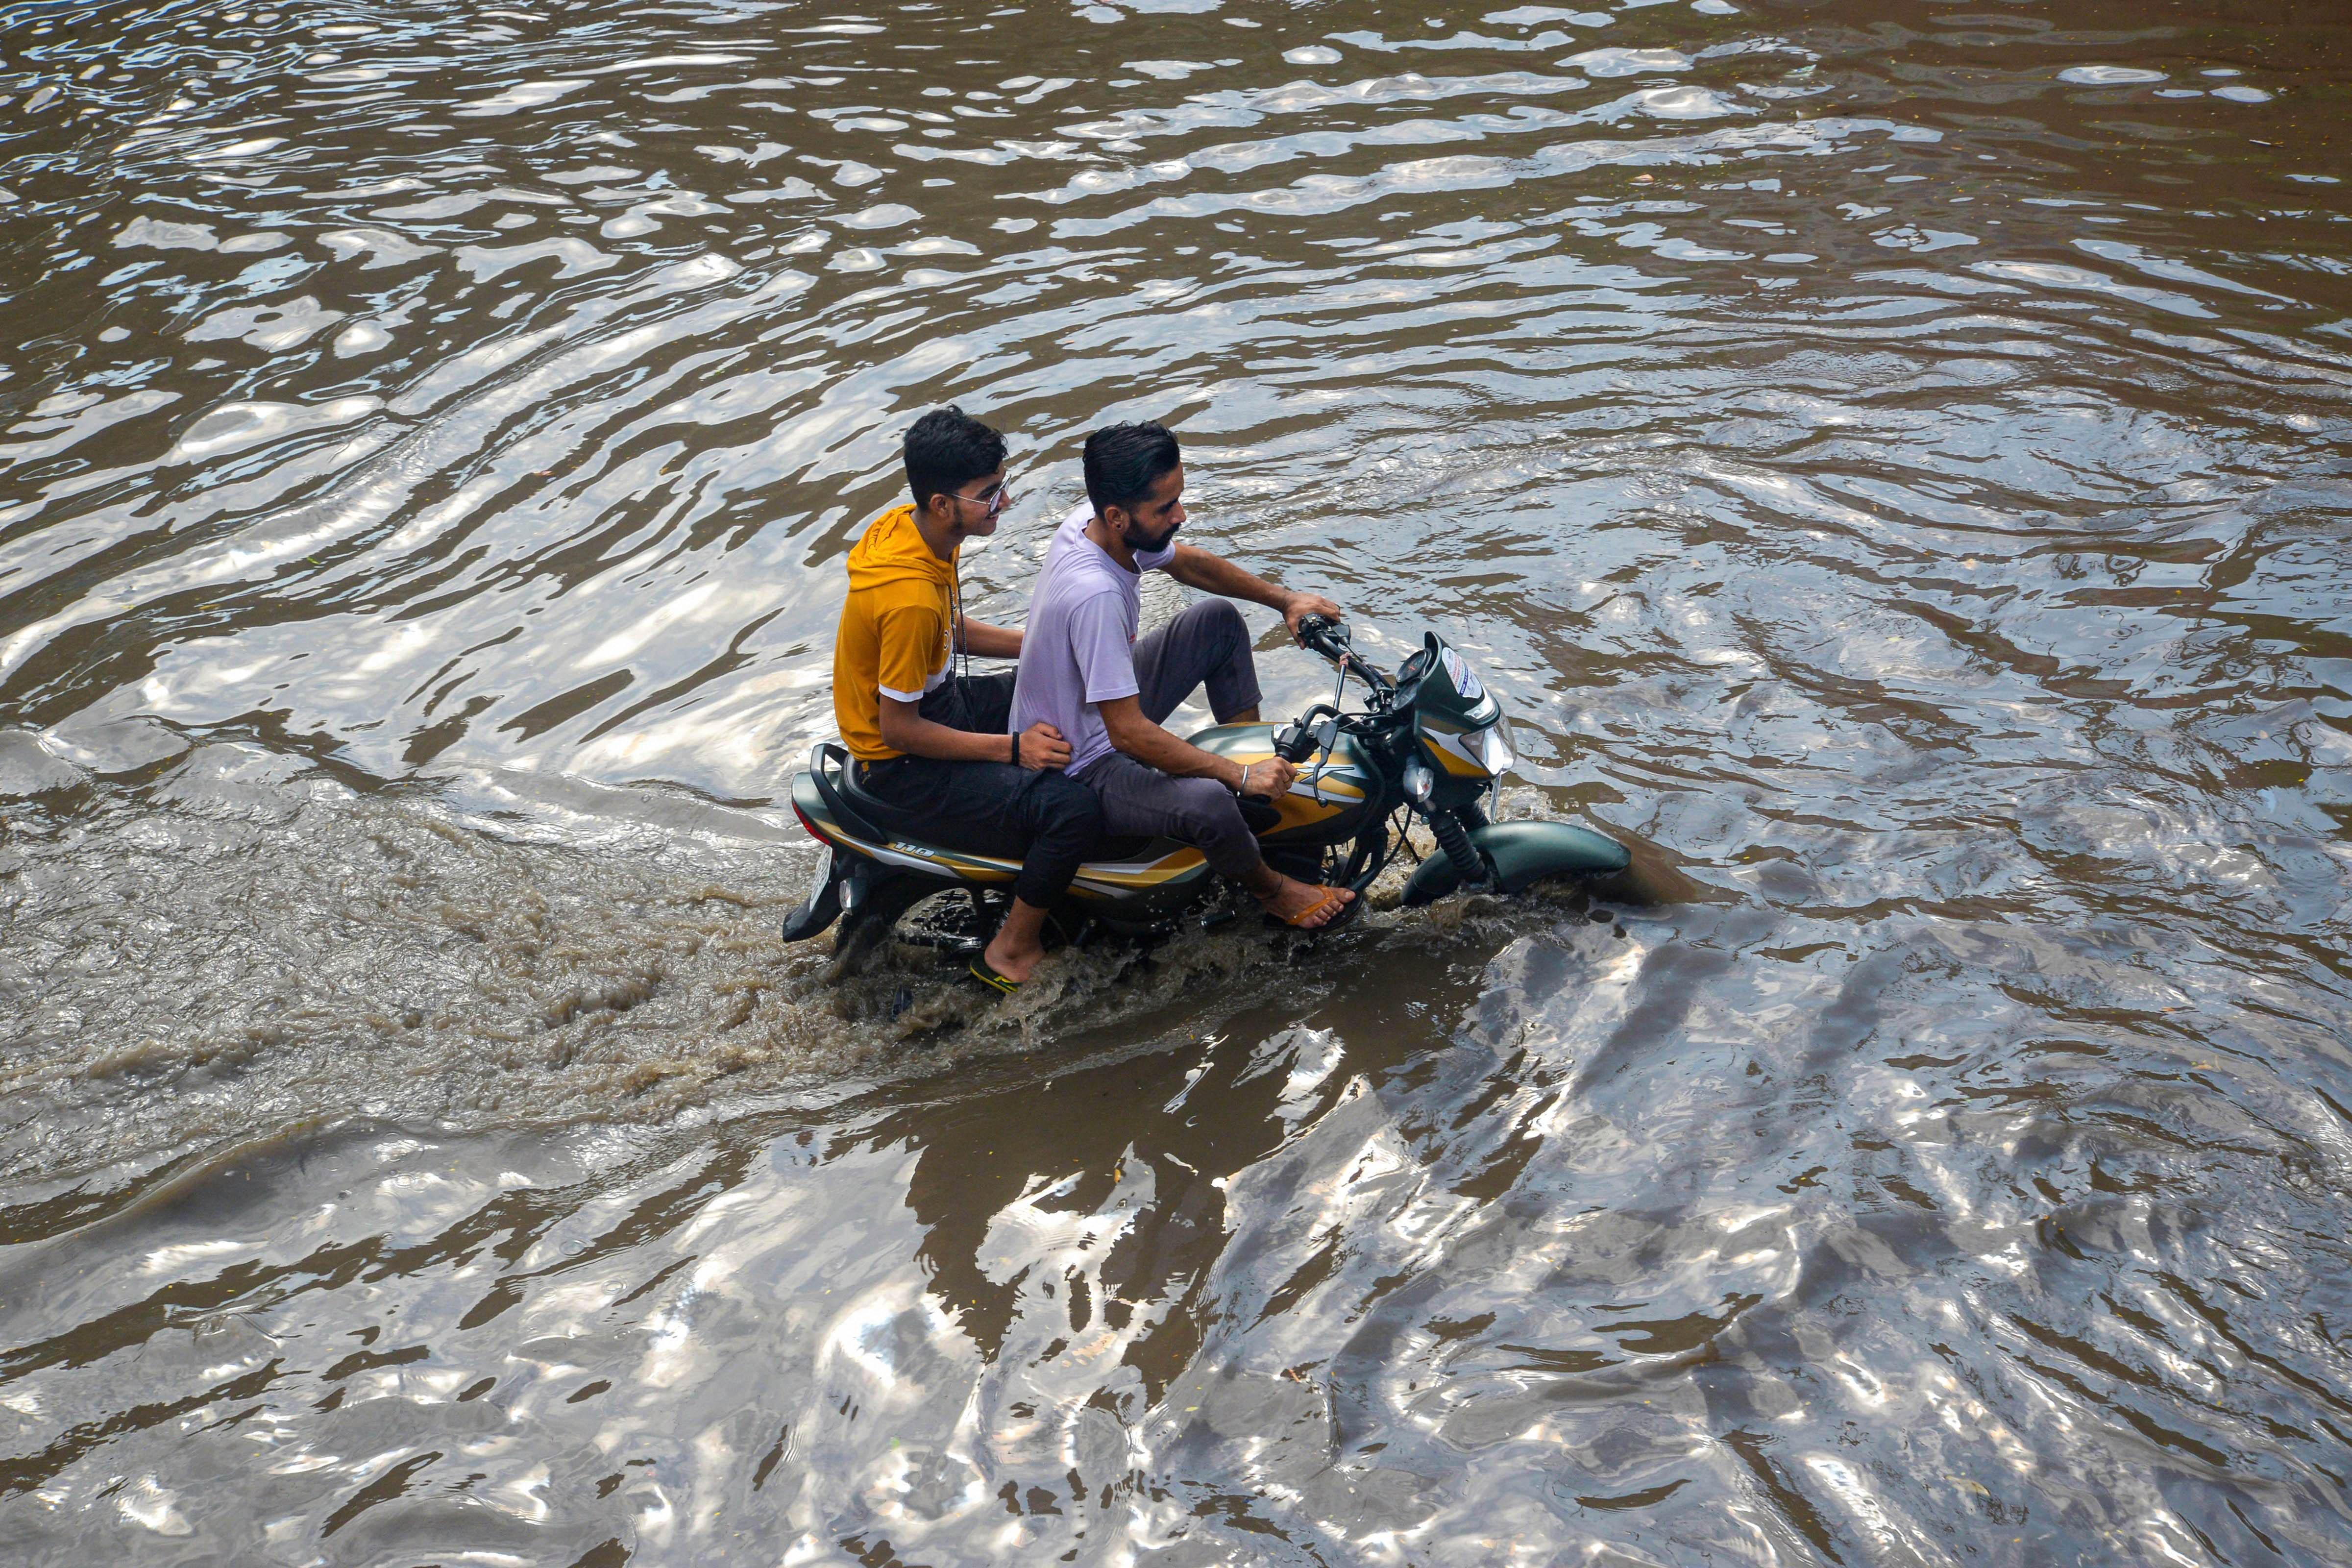 पंजाब के जालंधर में सड़क पर पानी भरने के बाद बाइक से गुजरते युवक।